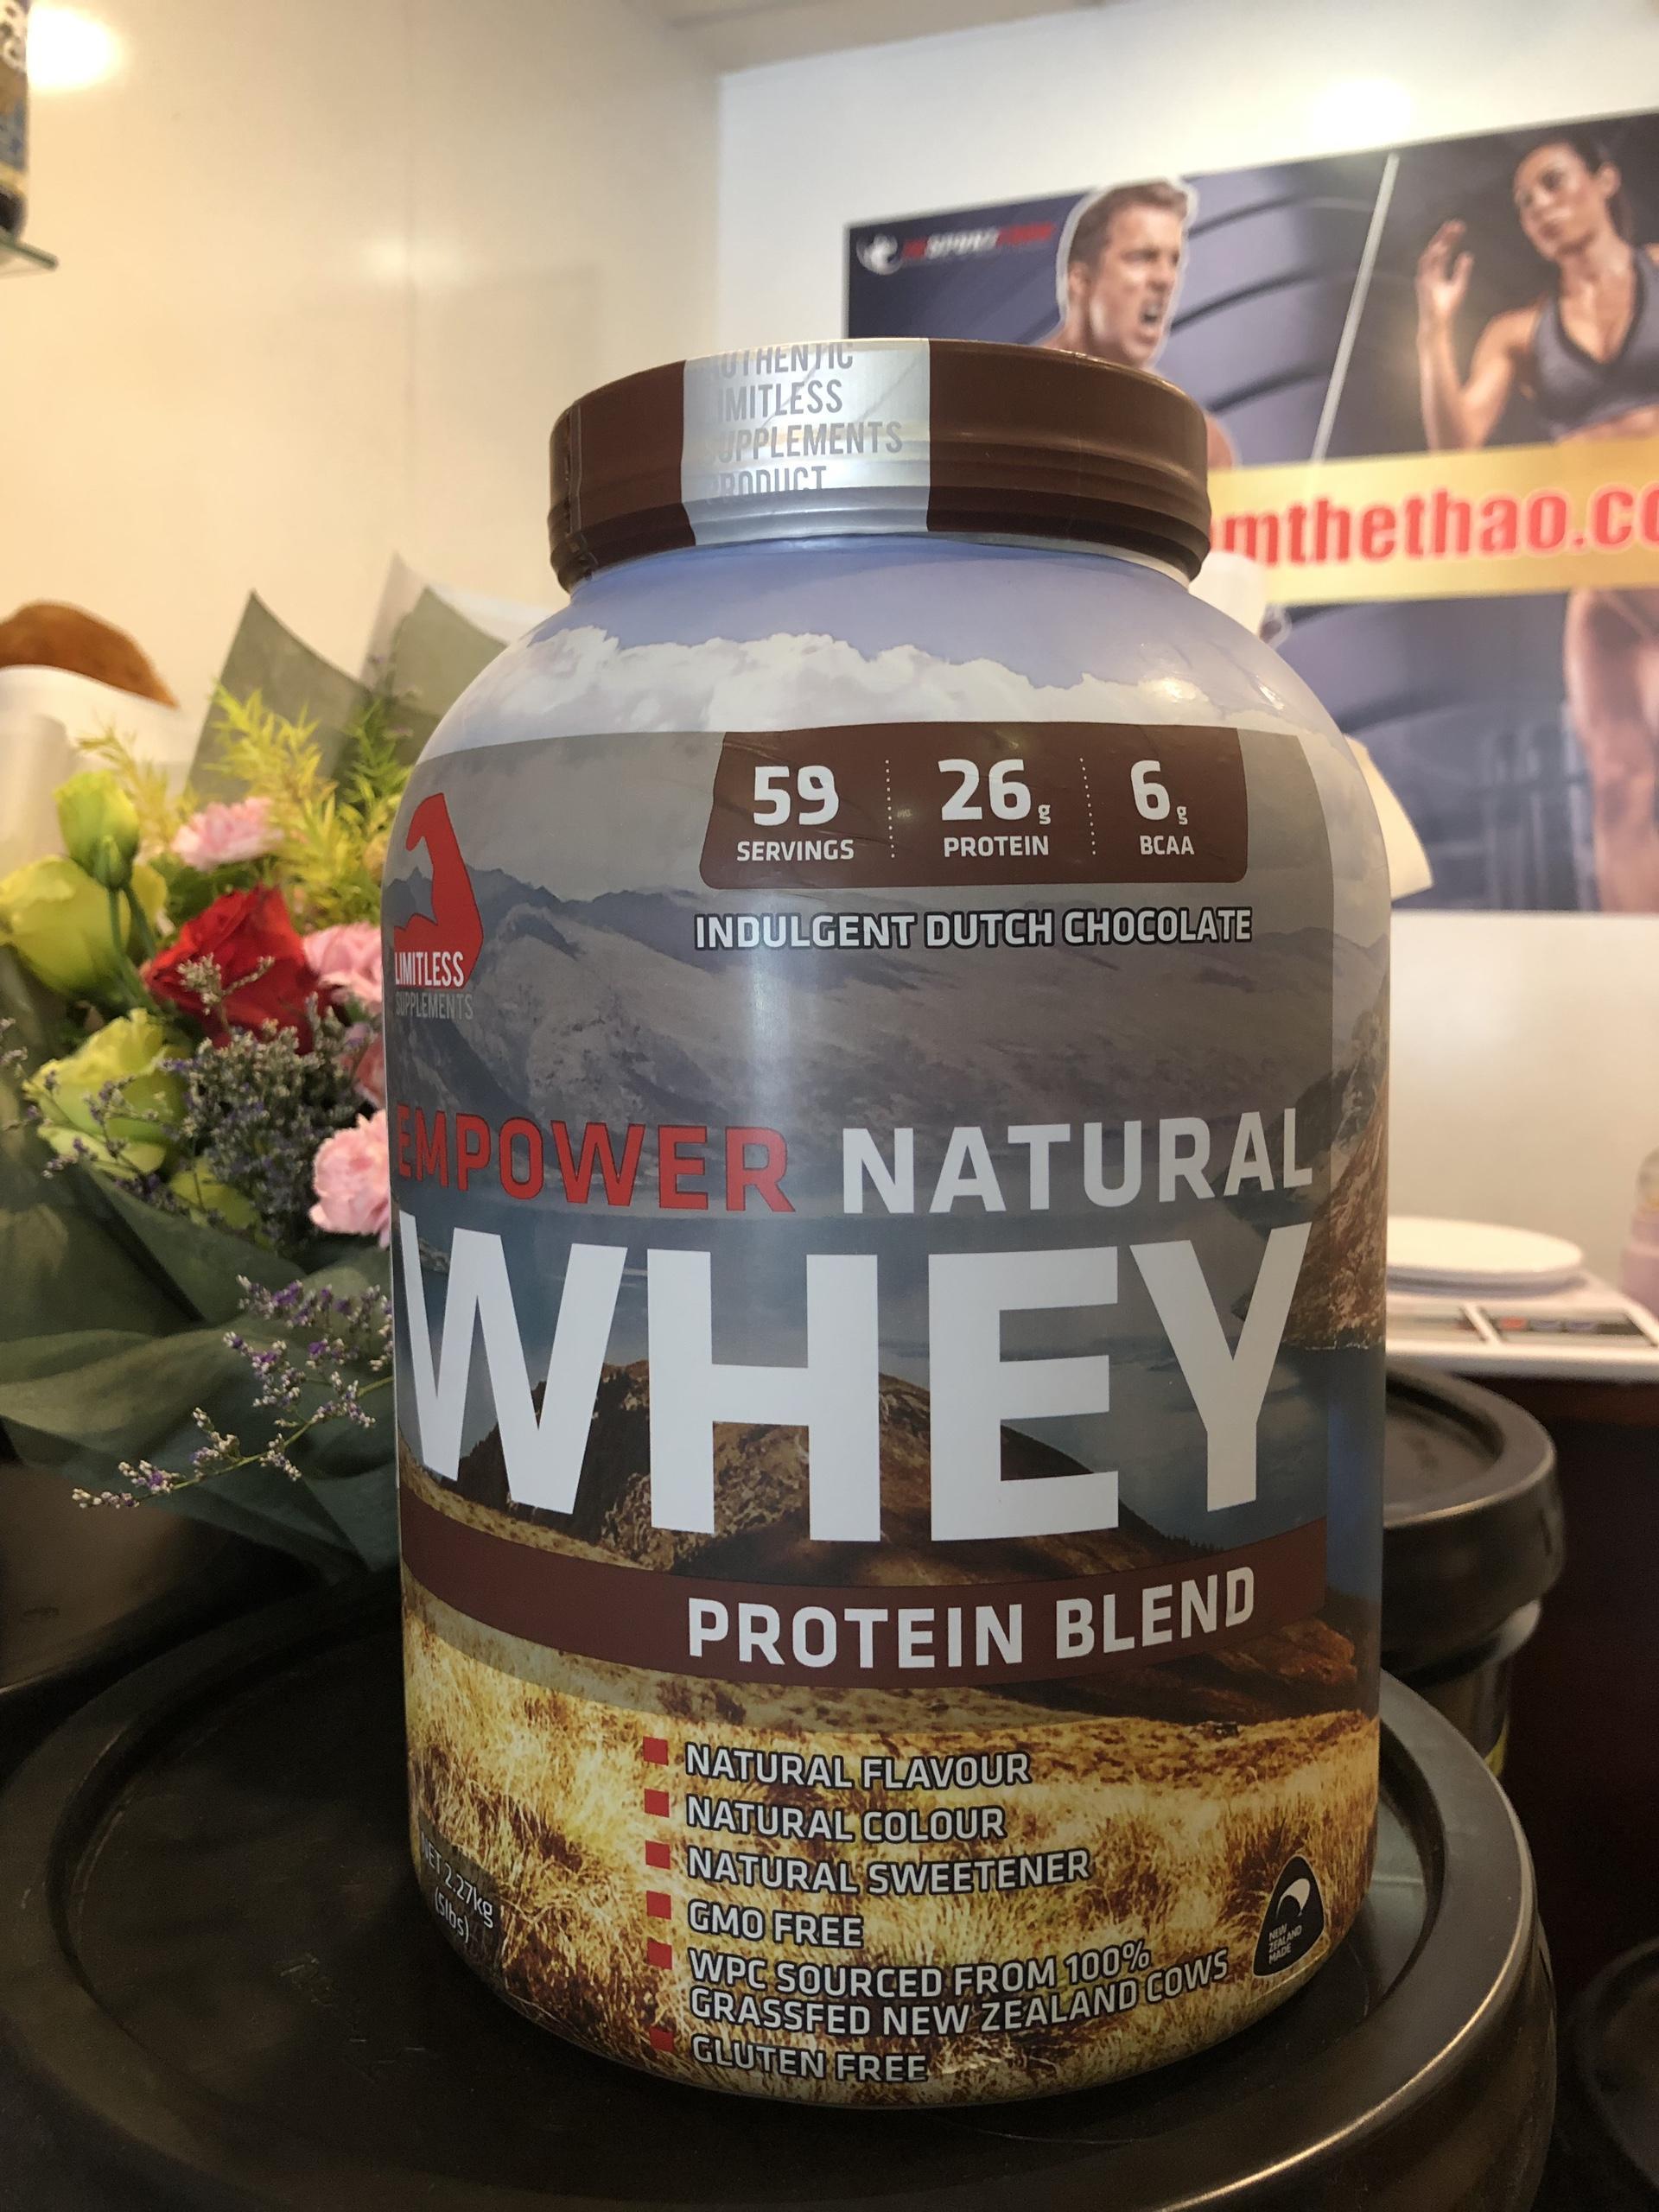 Sữa Tăng cơ EMPOWER NATURAL WHEY 5LBS ( 2.27kg) vị chocolate - TẶNG 20 SAMPLE WHEY MASS NGẪU NHIÊN cao cấp